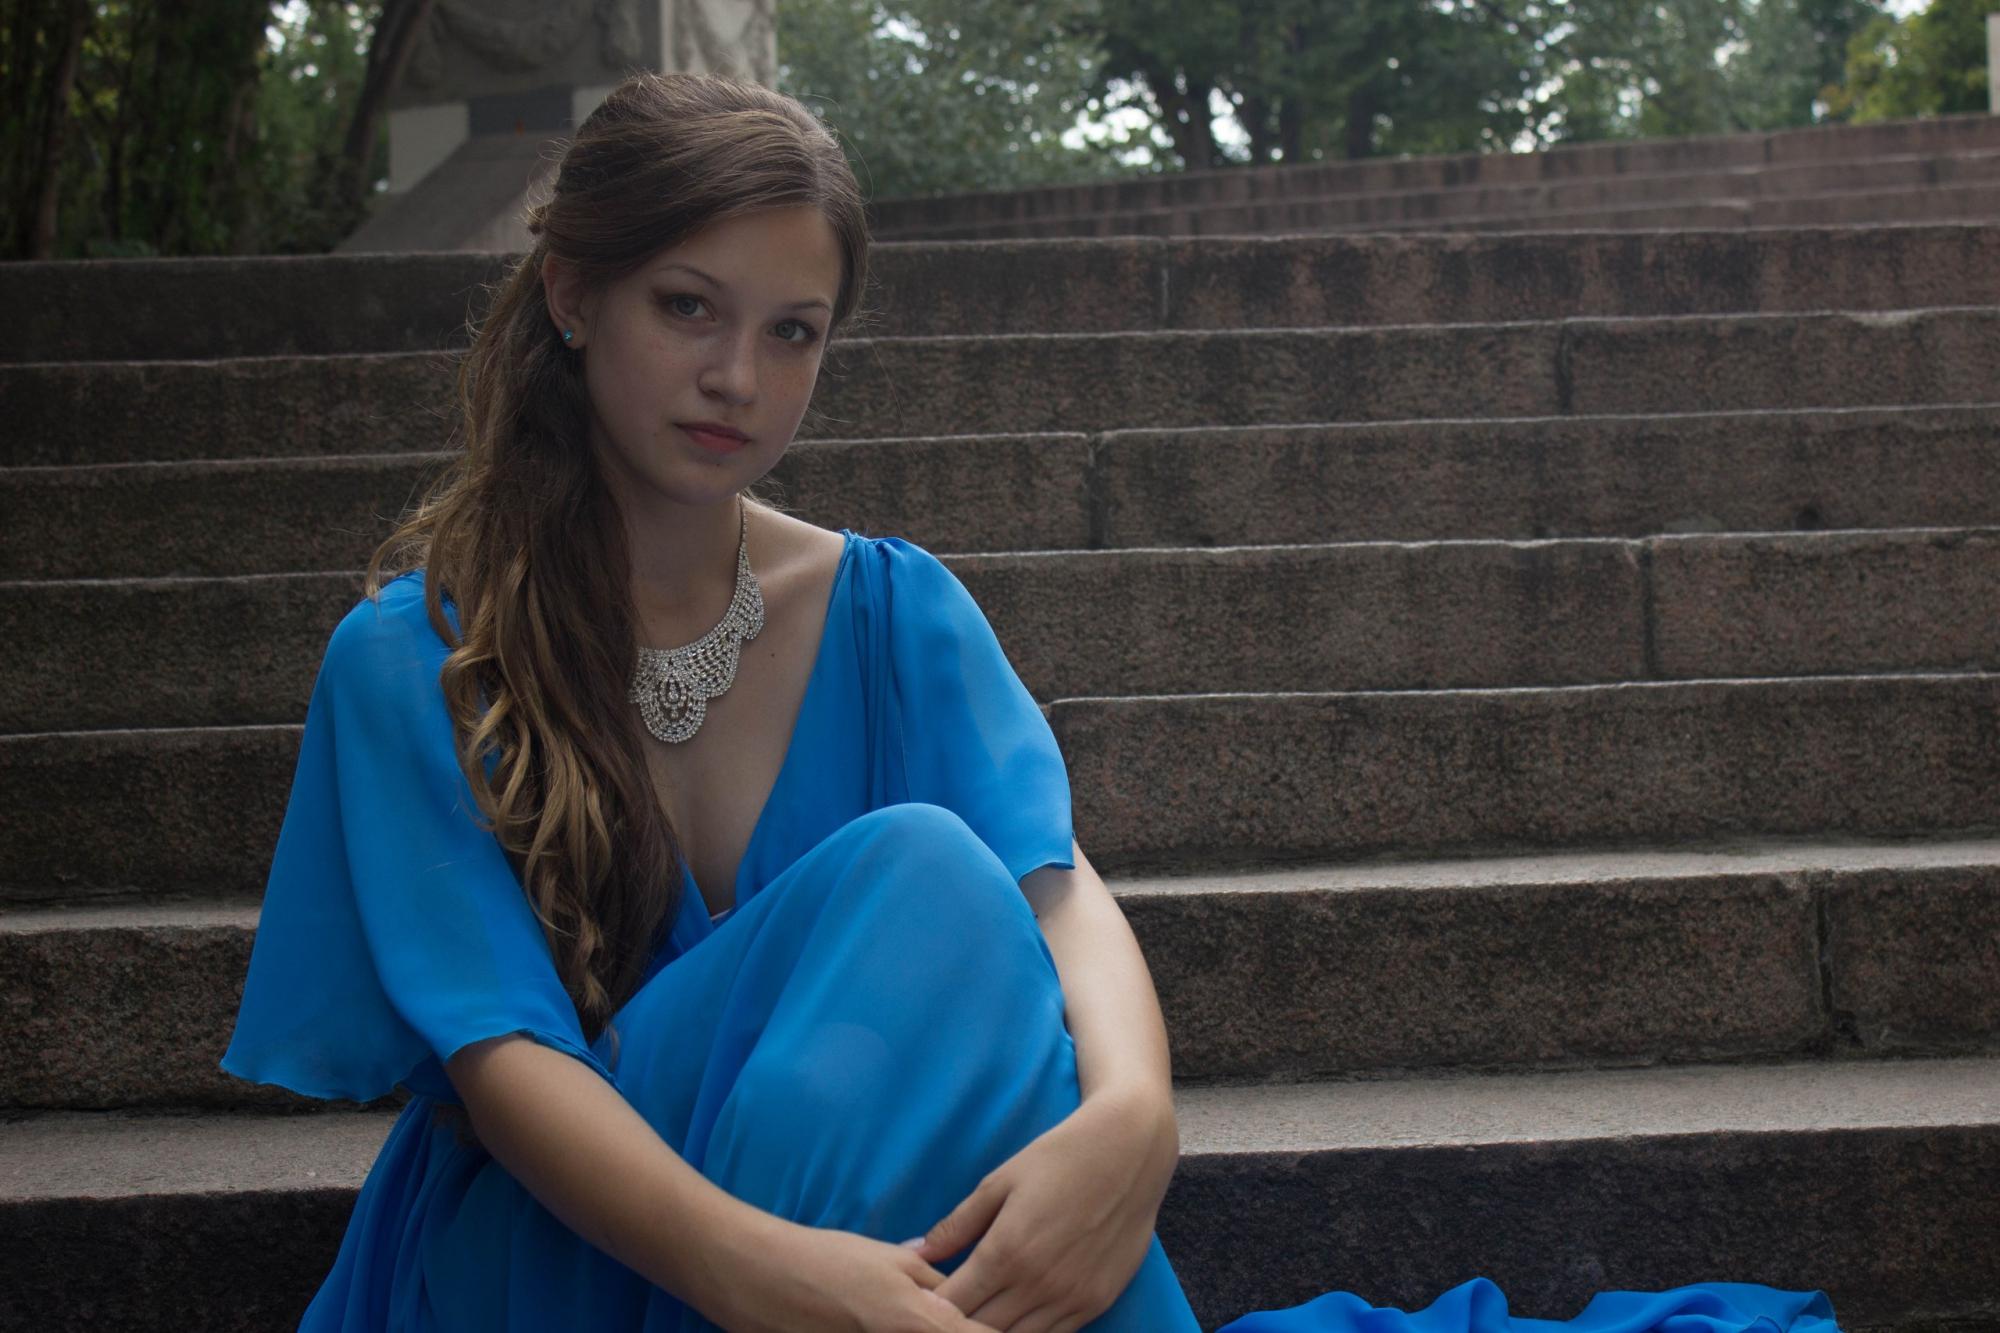 Фото реальных девушек социальных сетей, Смелые девушки из социальных сетей - 9 (42 фото) 21 фотография